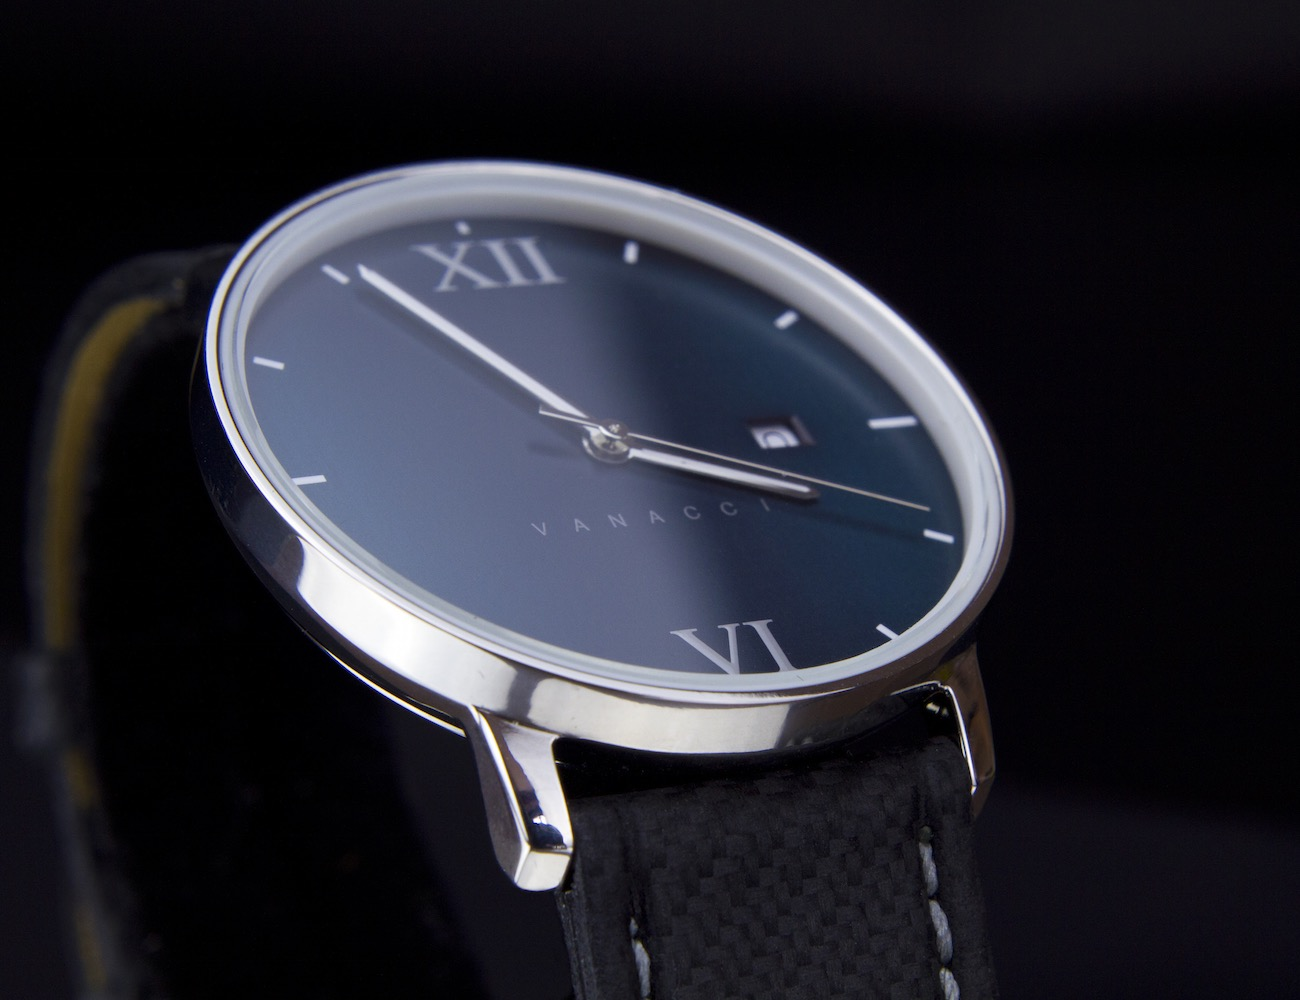 The+Vanacci+Watch